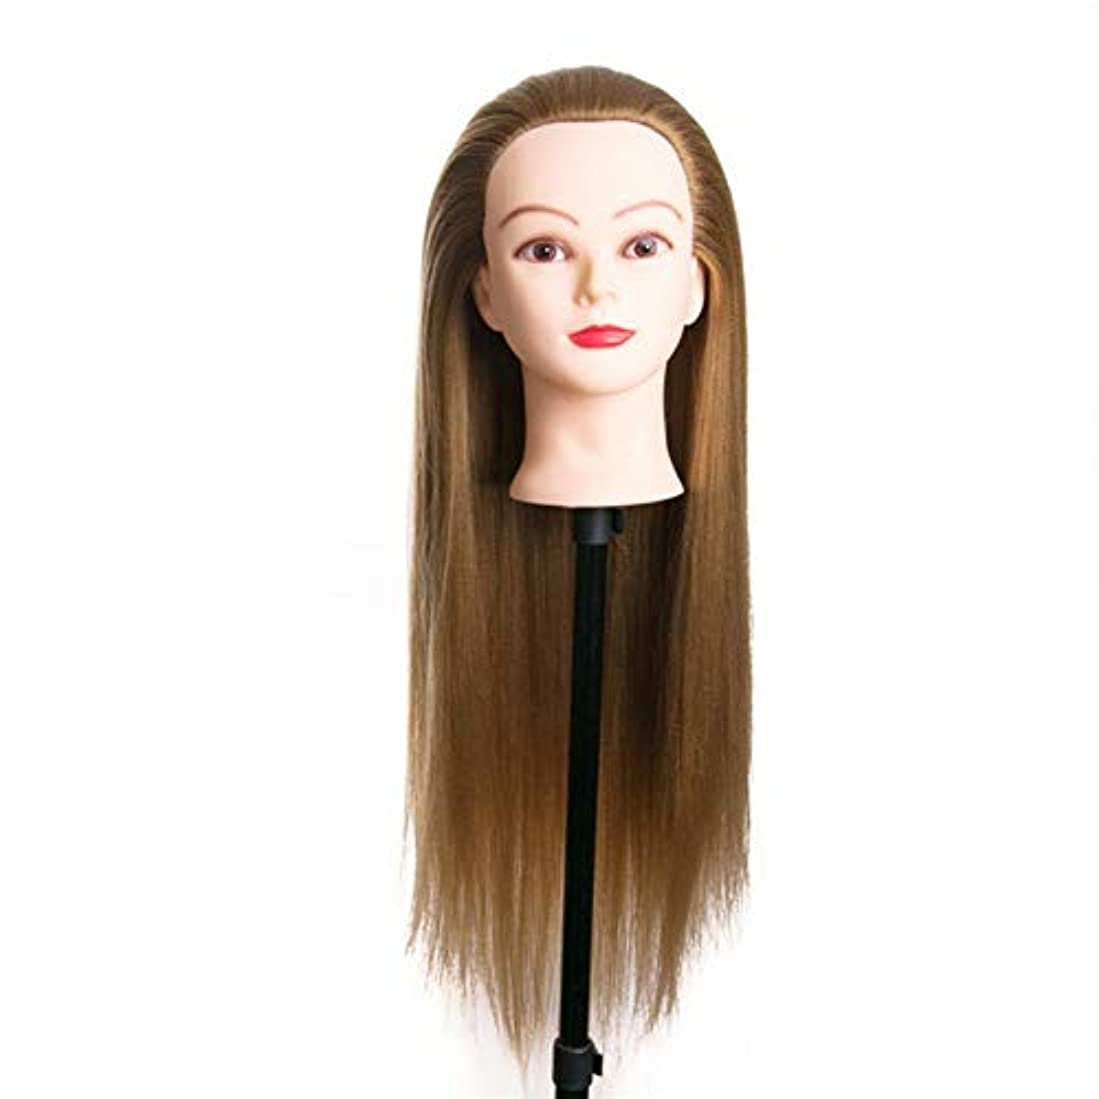 想像する時間サンドイッチメイクアップディスクヘアスタイリング編みを教えるダミーヘッド理髪サロンエクササイズヘッド金型ヘアカットトレーニングかつら3個